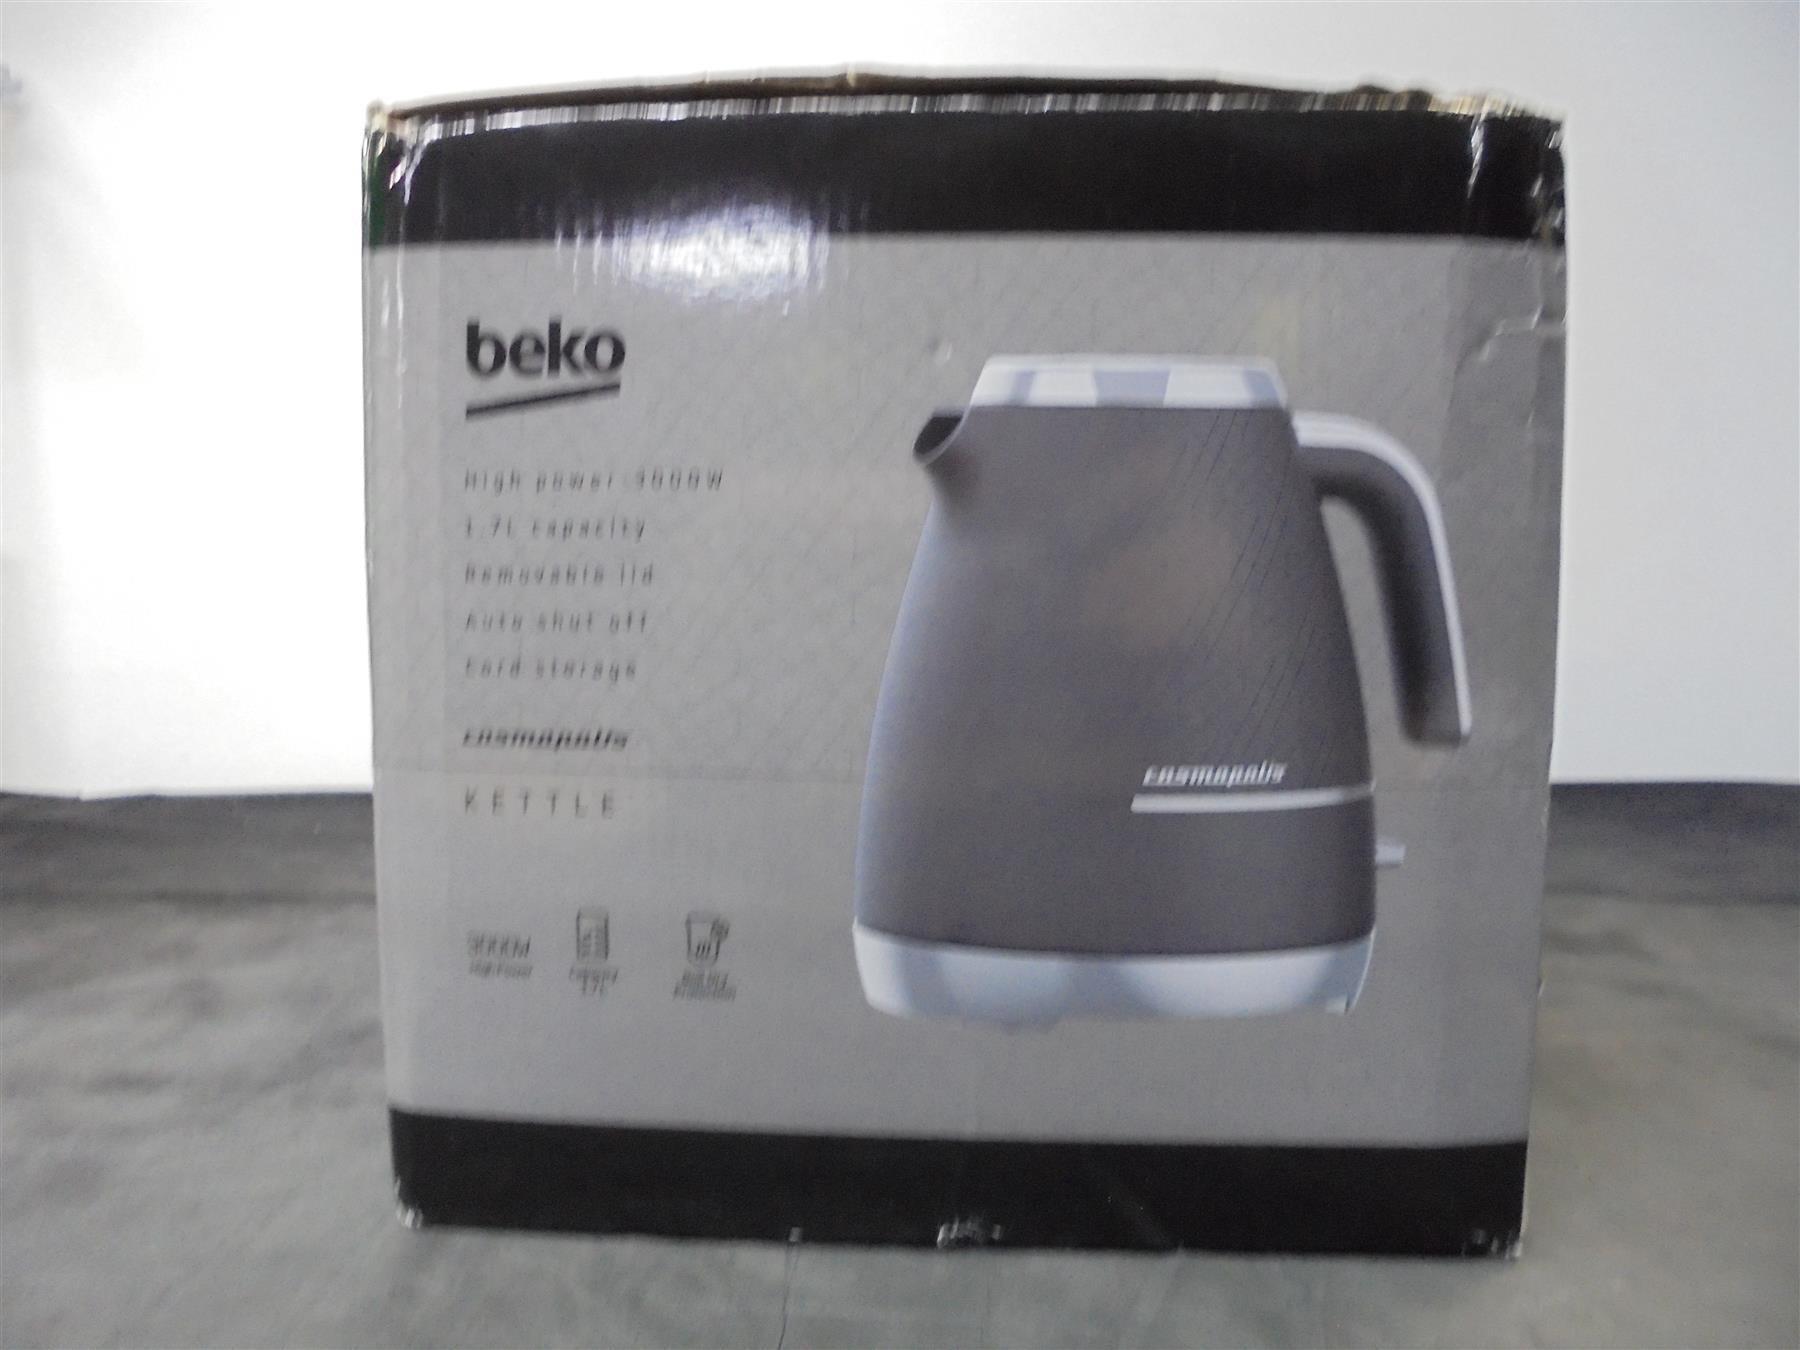 Buy BEKO Cosmopolis WKM8307B Jug Kettle